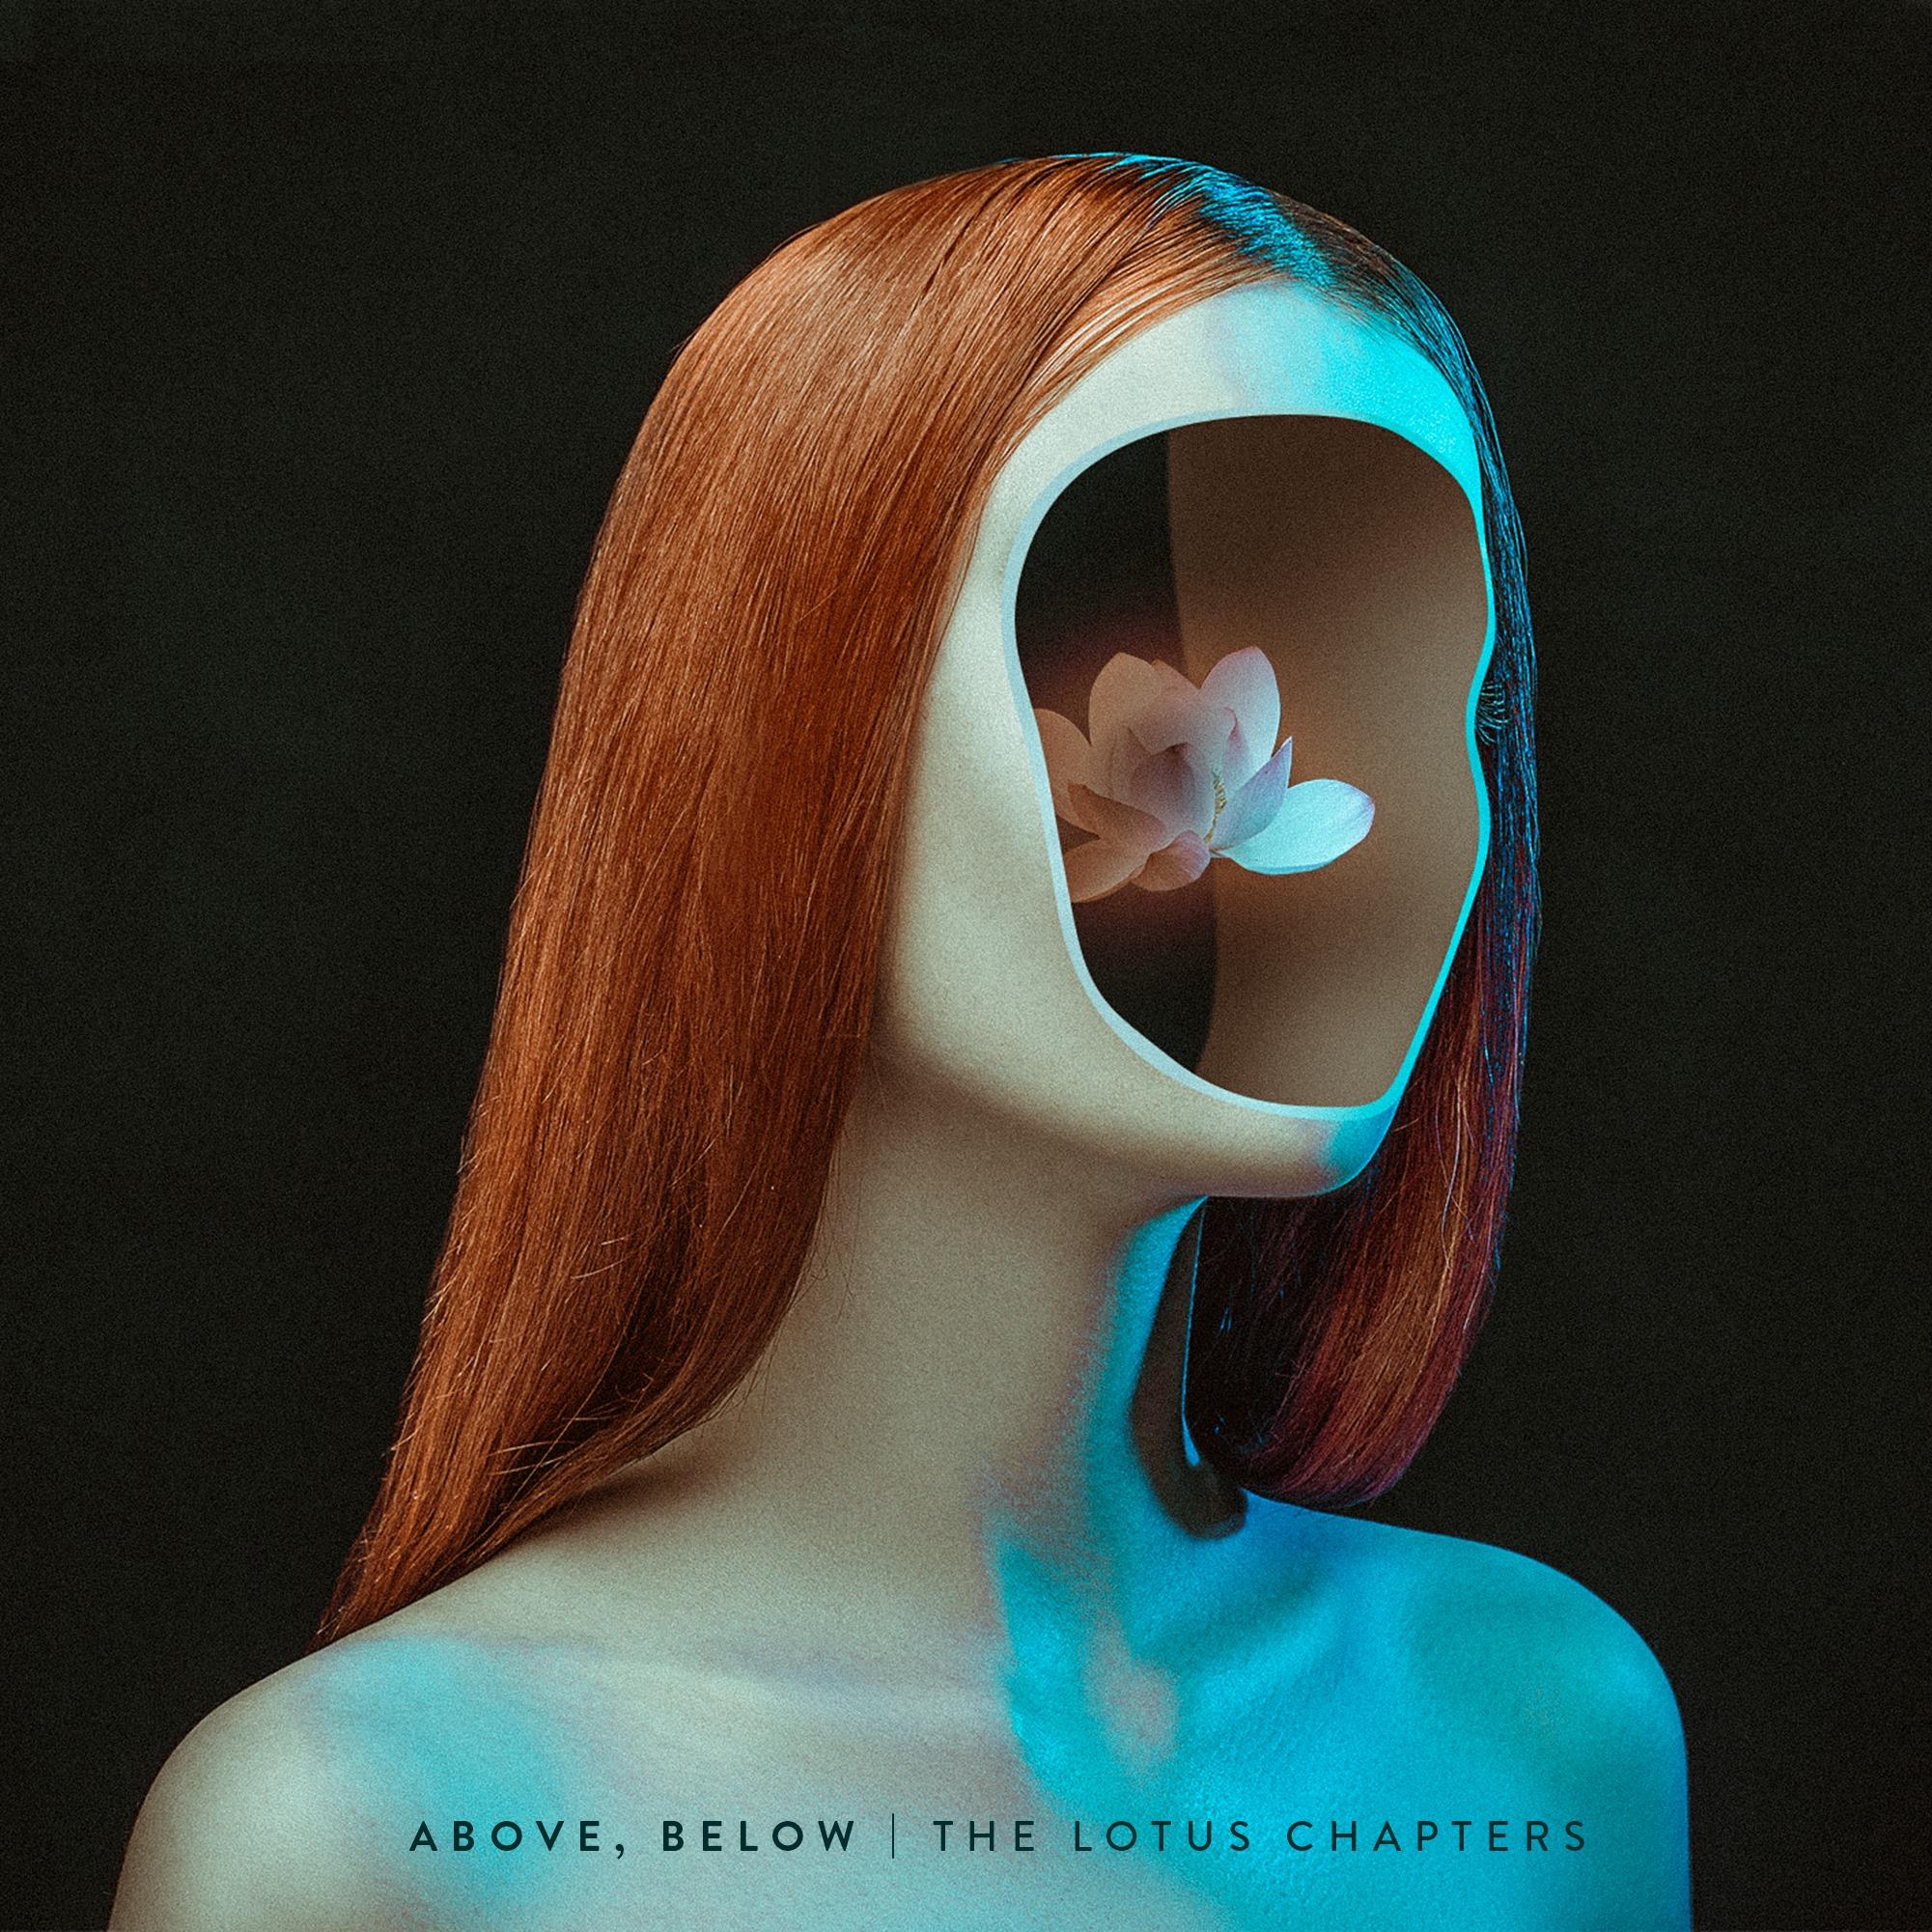 Above, Below - Blood Wine [single] (2019)